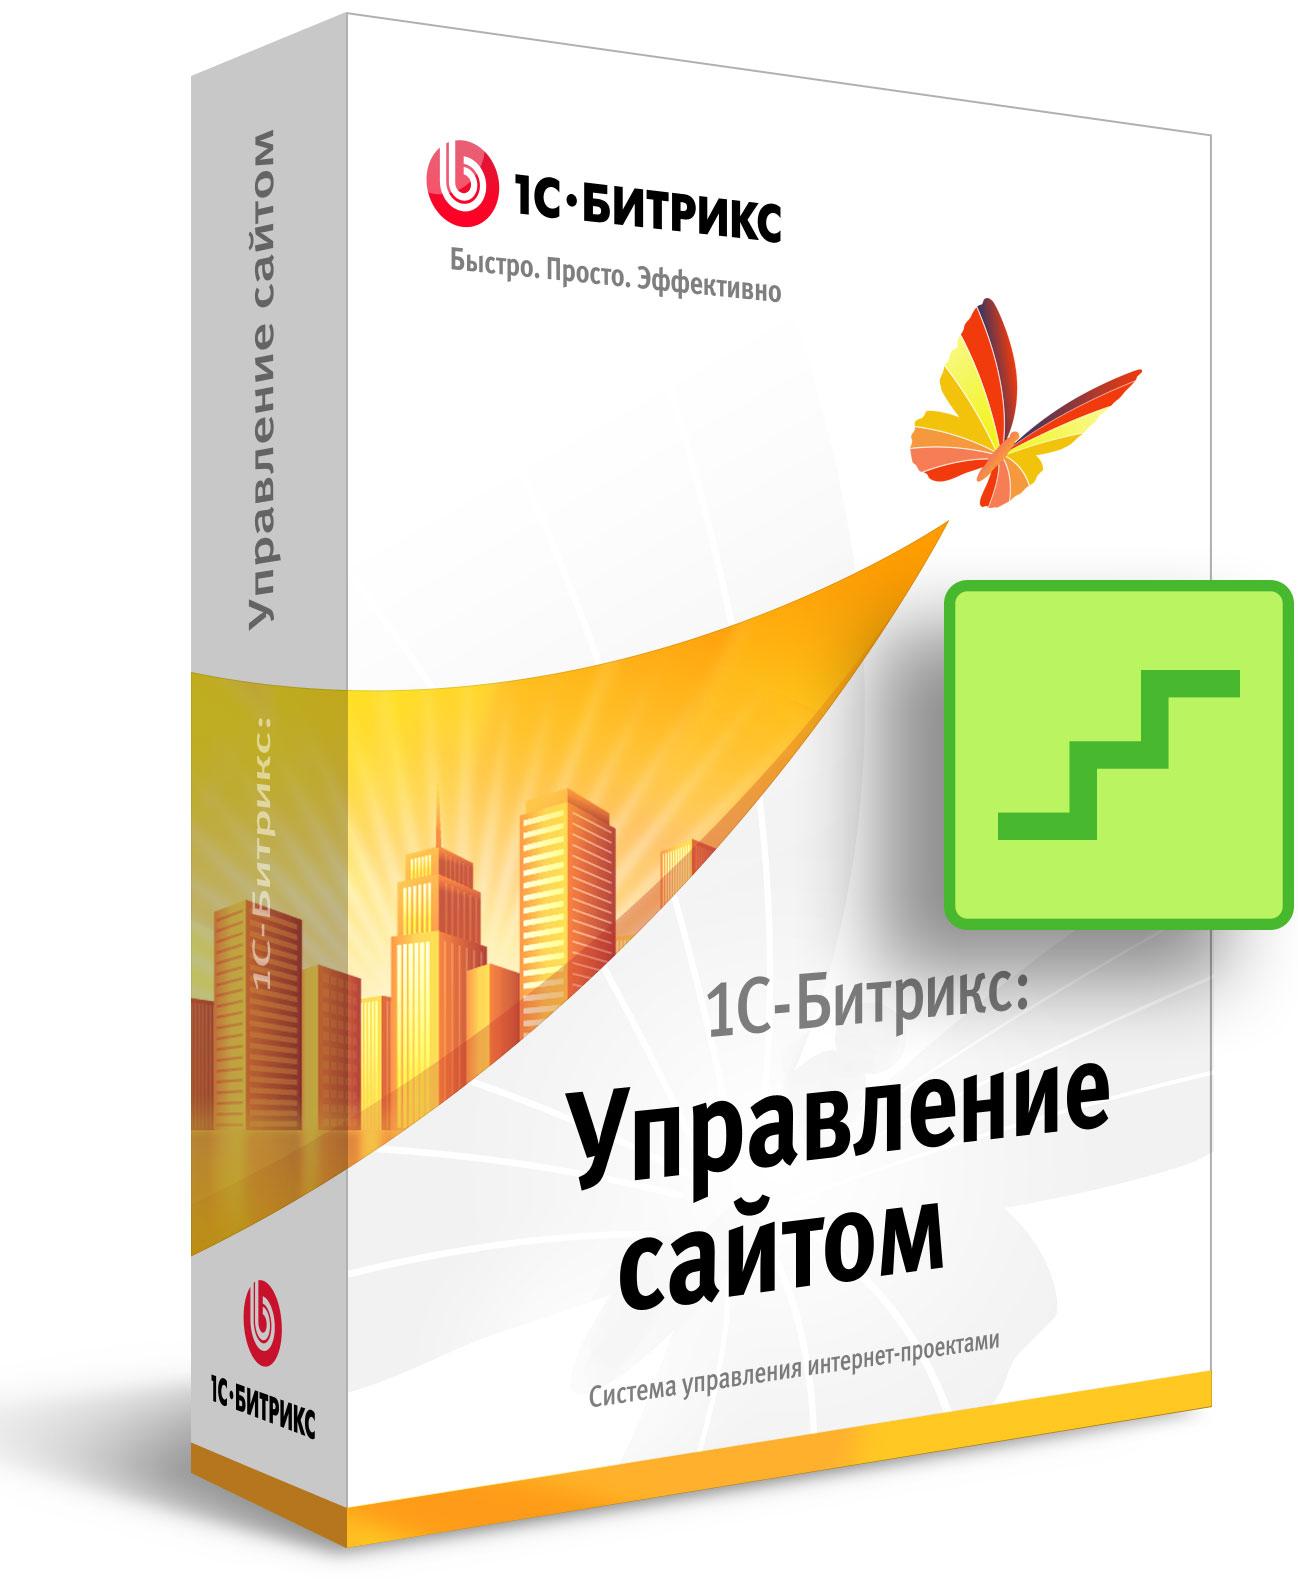 Лицензия на по для эвм 1с битрикс как работать с сайтом на битрикс